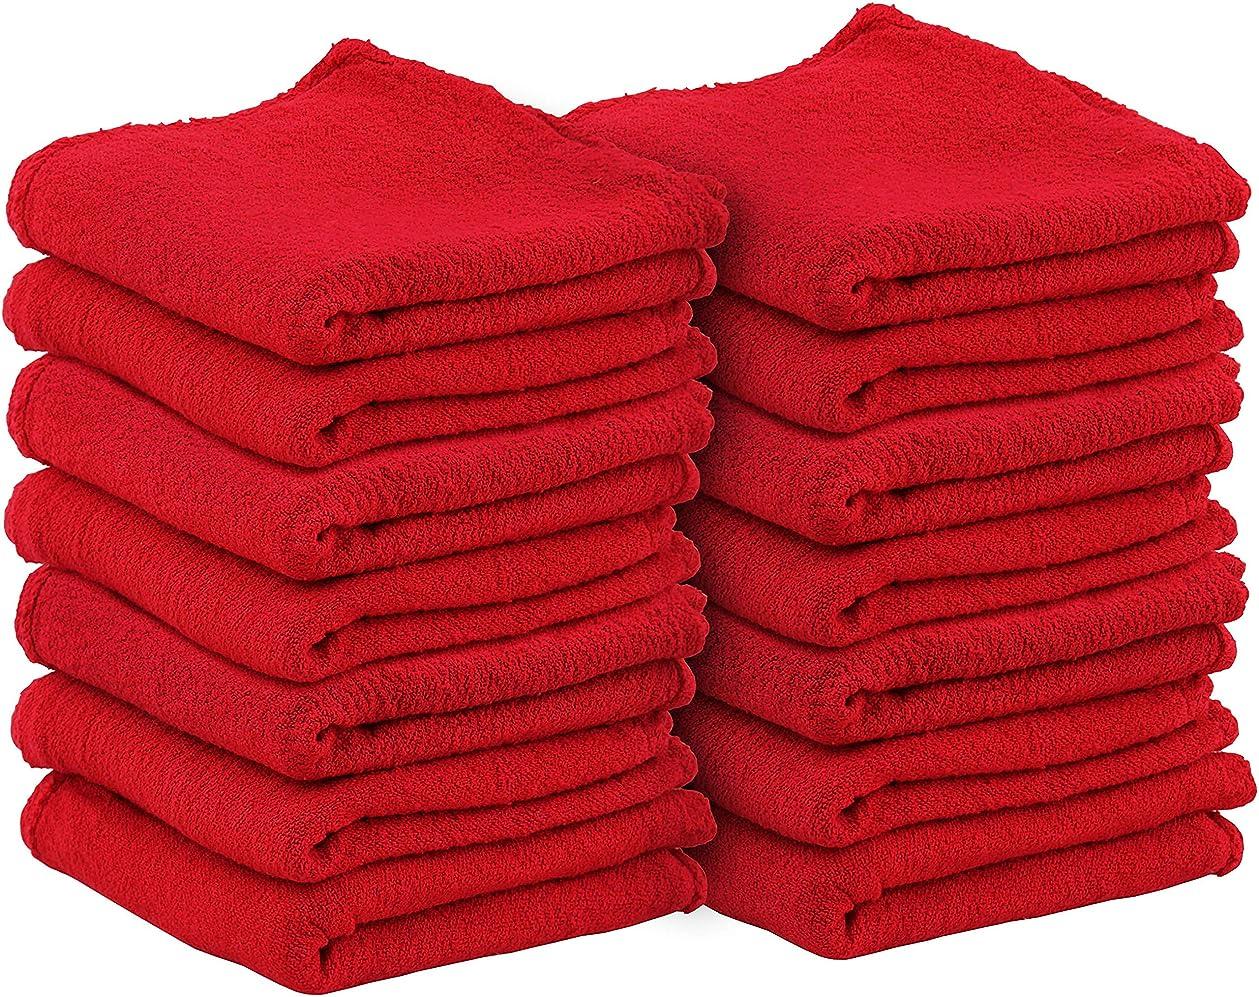 属性代わりの浴室Utopia Towels 自動車修理工ショップタオル {100枚パック 33.02 X 33.02Cm (13 X 13インチ)} 業務用 洗濯機洗い可 コットンハンドタオル 糸くずの出ない白いショップラグ ? 自動車修理作業とバーモップに最適 Utopia Towel レッド